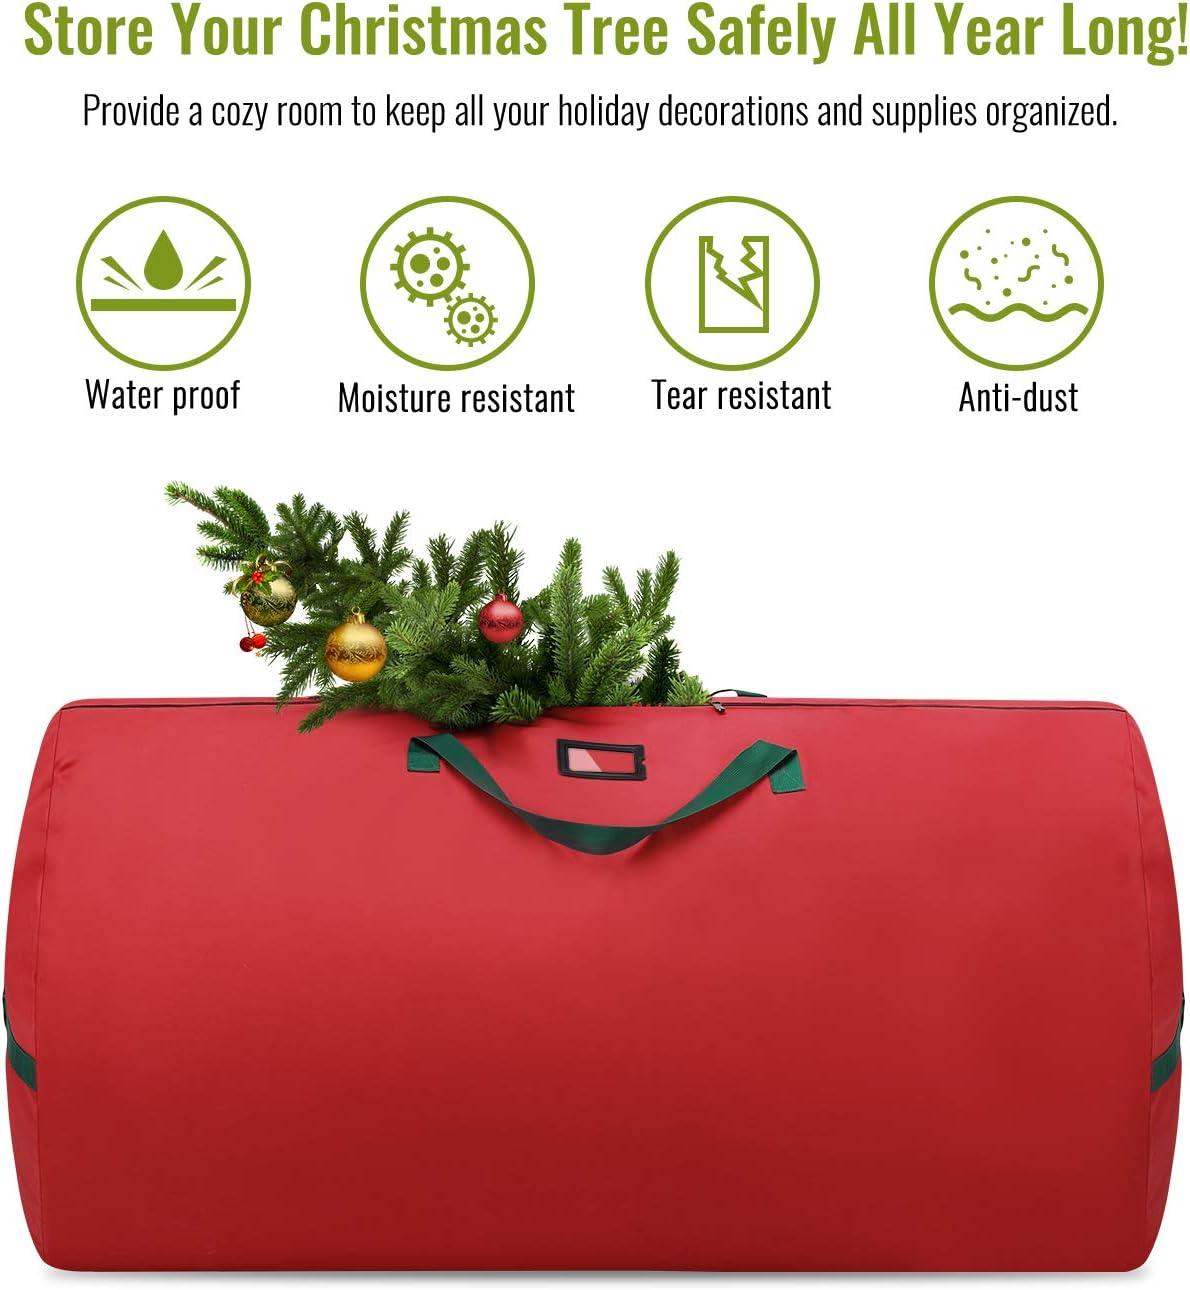 Mango Verde Rojo Contenedor de Almacenaje Resistente a Desgarros con Cierre de Cremallera para /Árbol Navide/ño Nuovoware Bolsa de Almacenamiento para /Árboles de Navidad con Tela Oxford